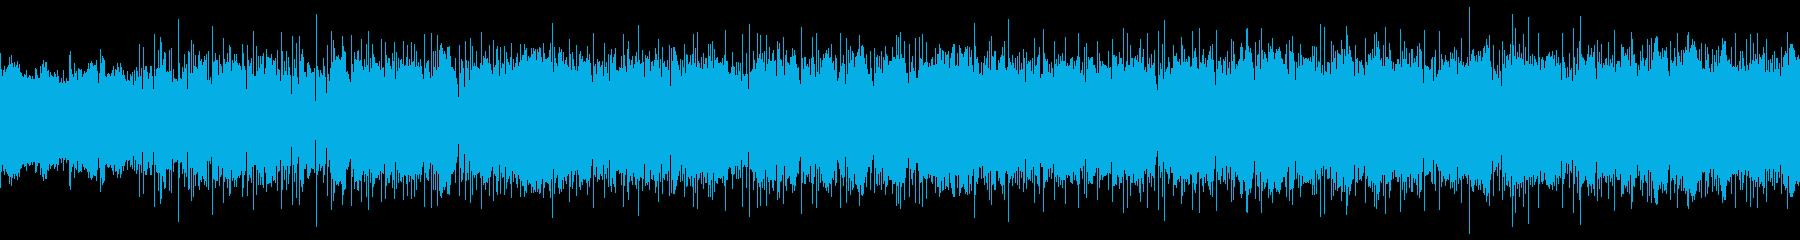 スリリングでスピード感あるバンドサウンドの再生済みの波形